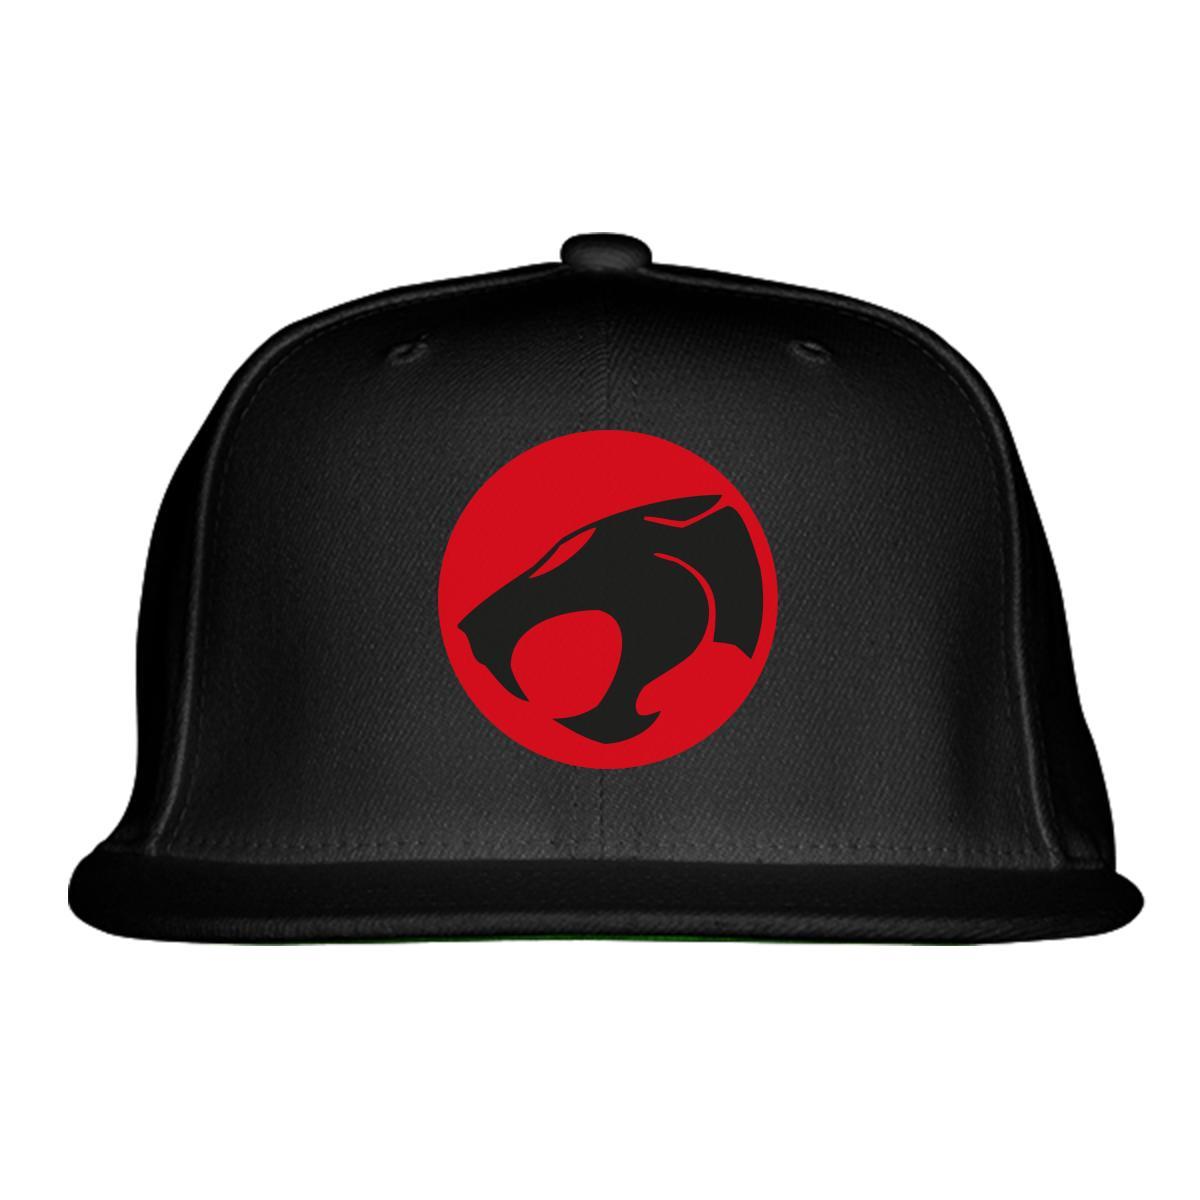 Thundercats Snapback Hat +more 1e126870b1c